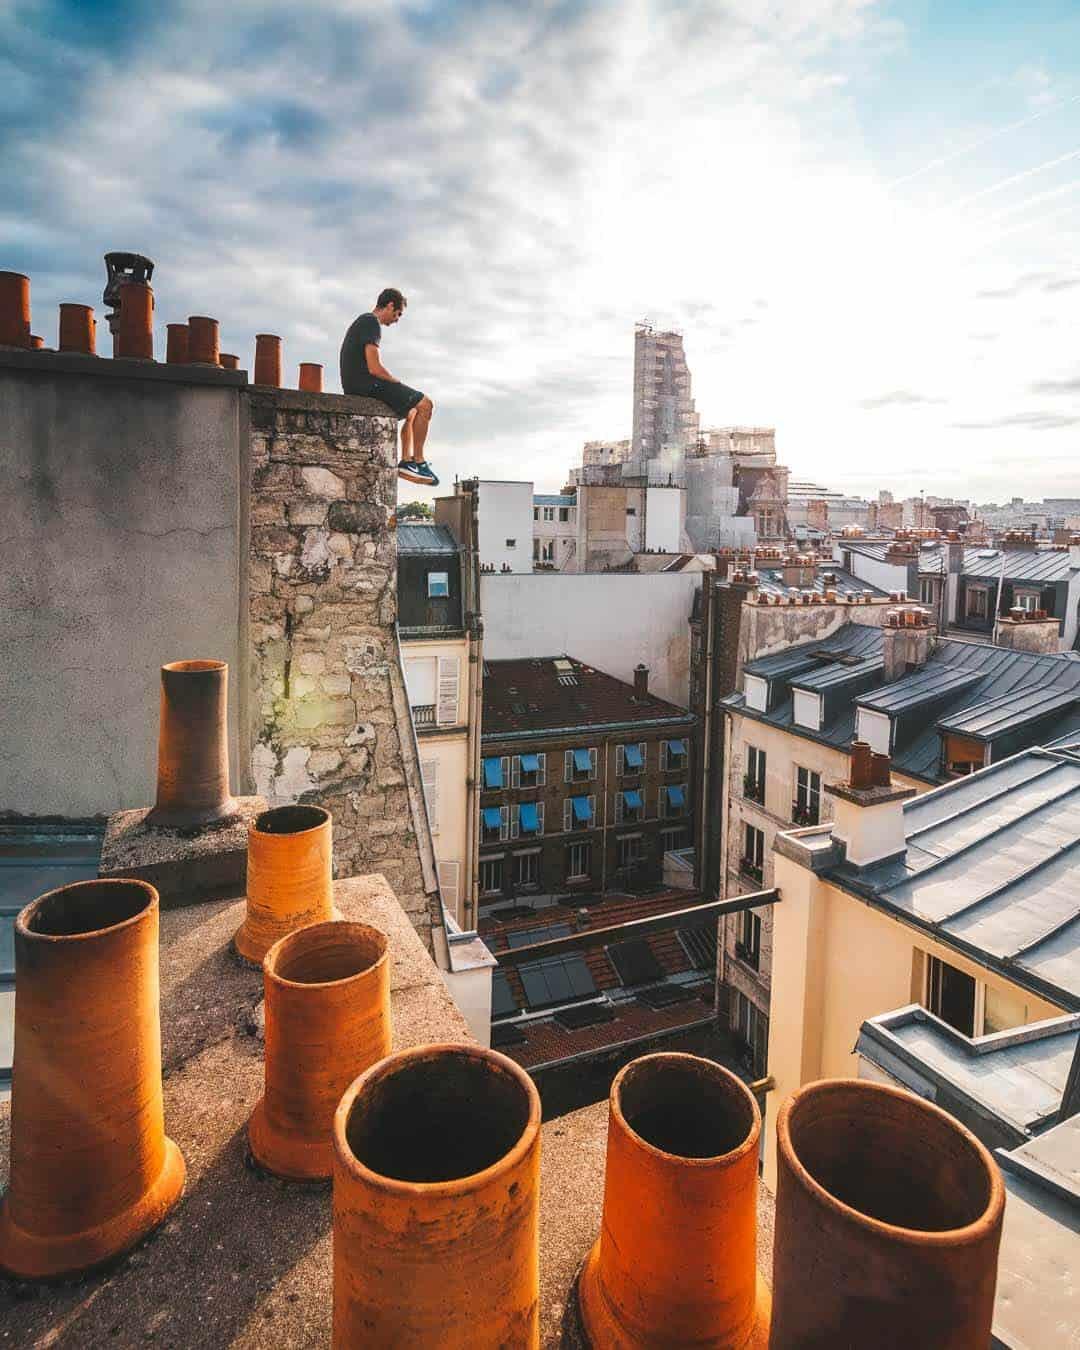 etrefort thibaut parkour clothing outdor paris rooftop pov sitting